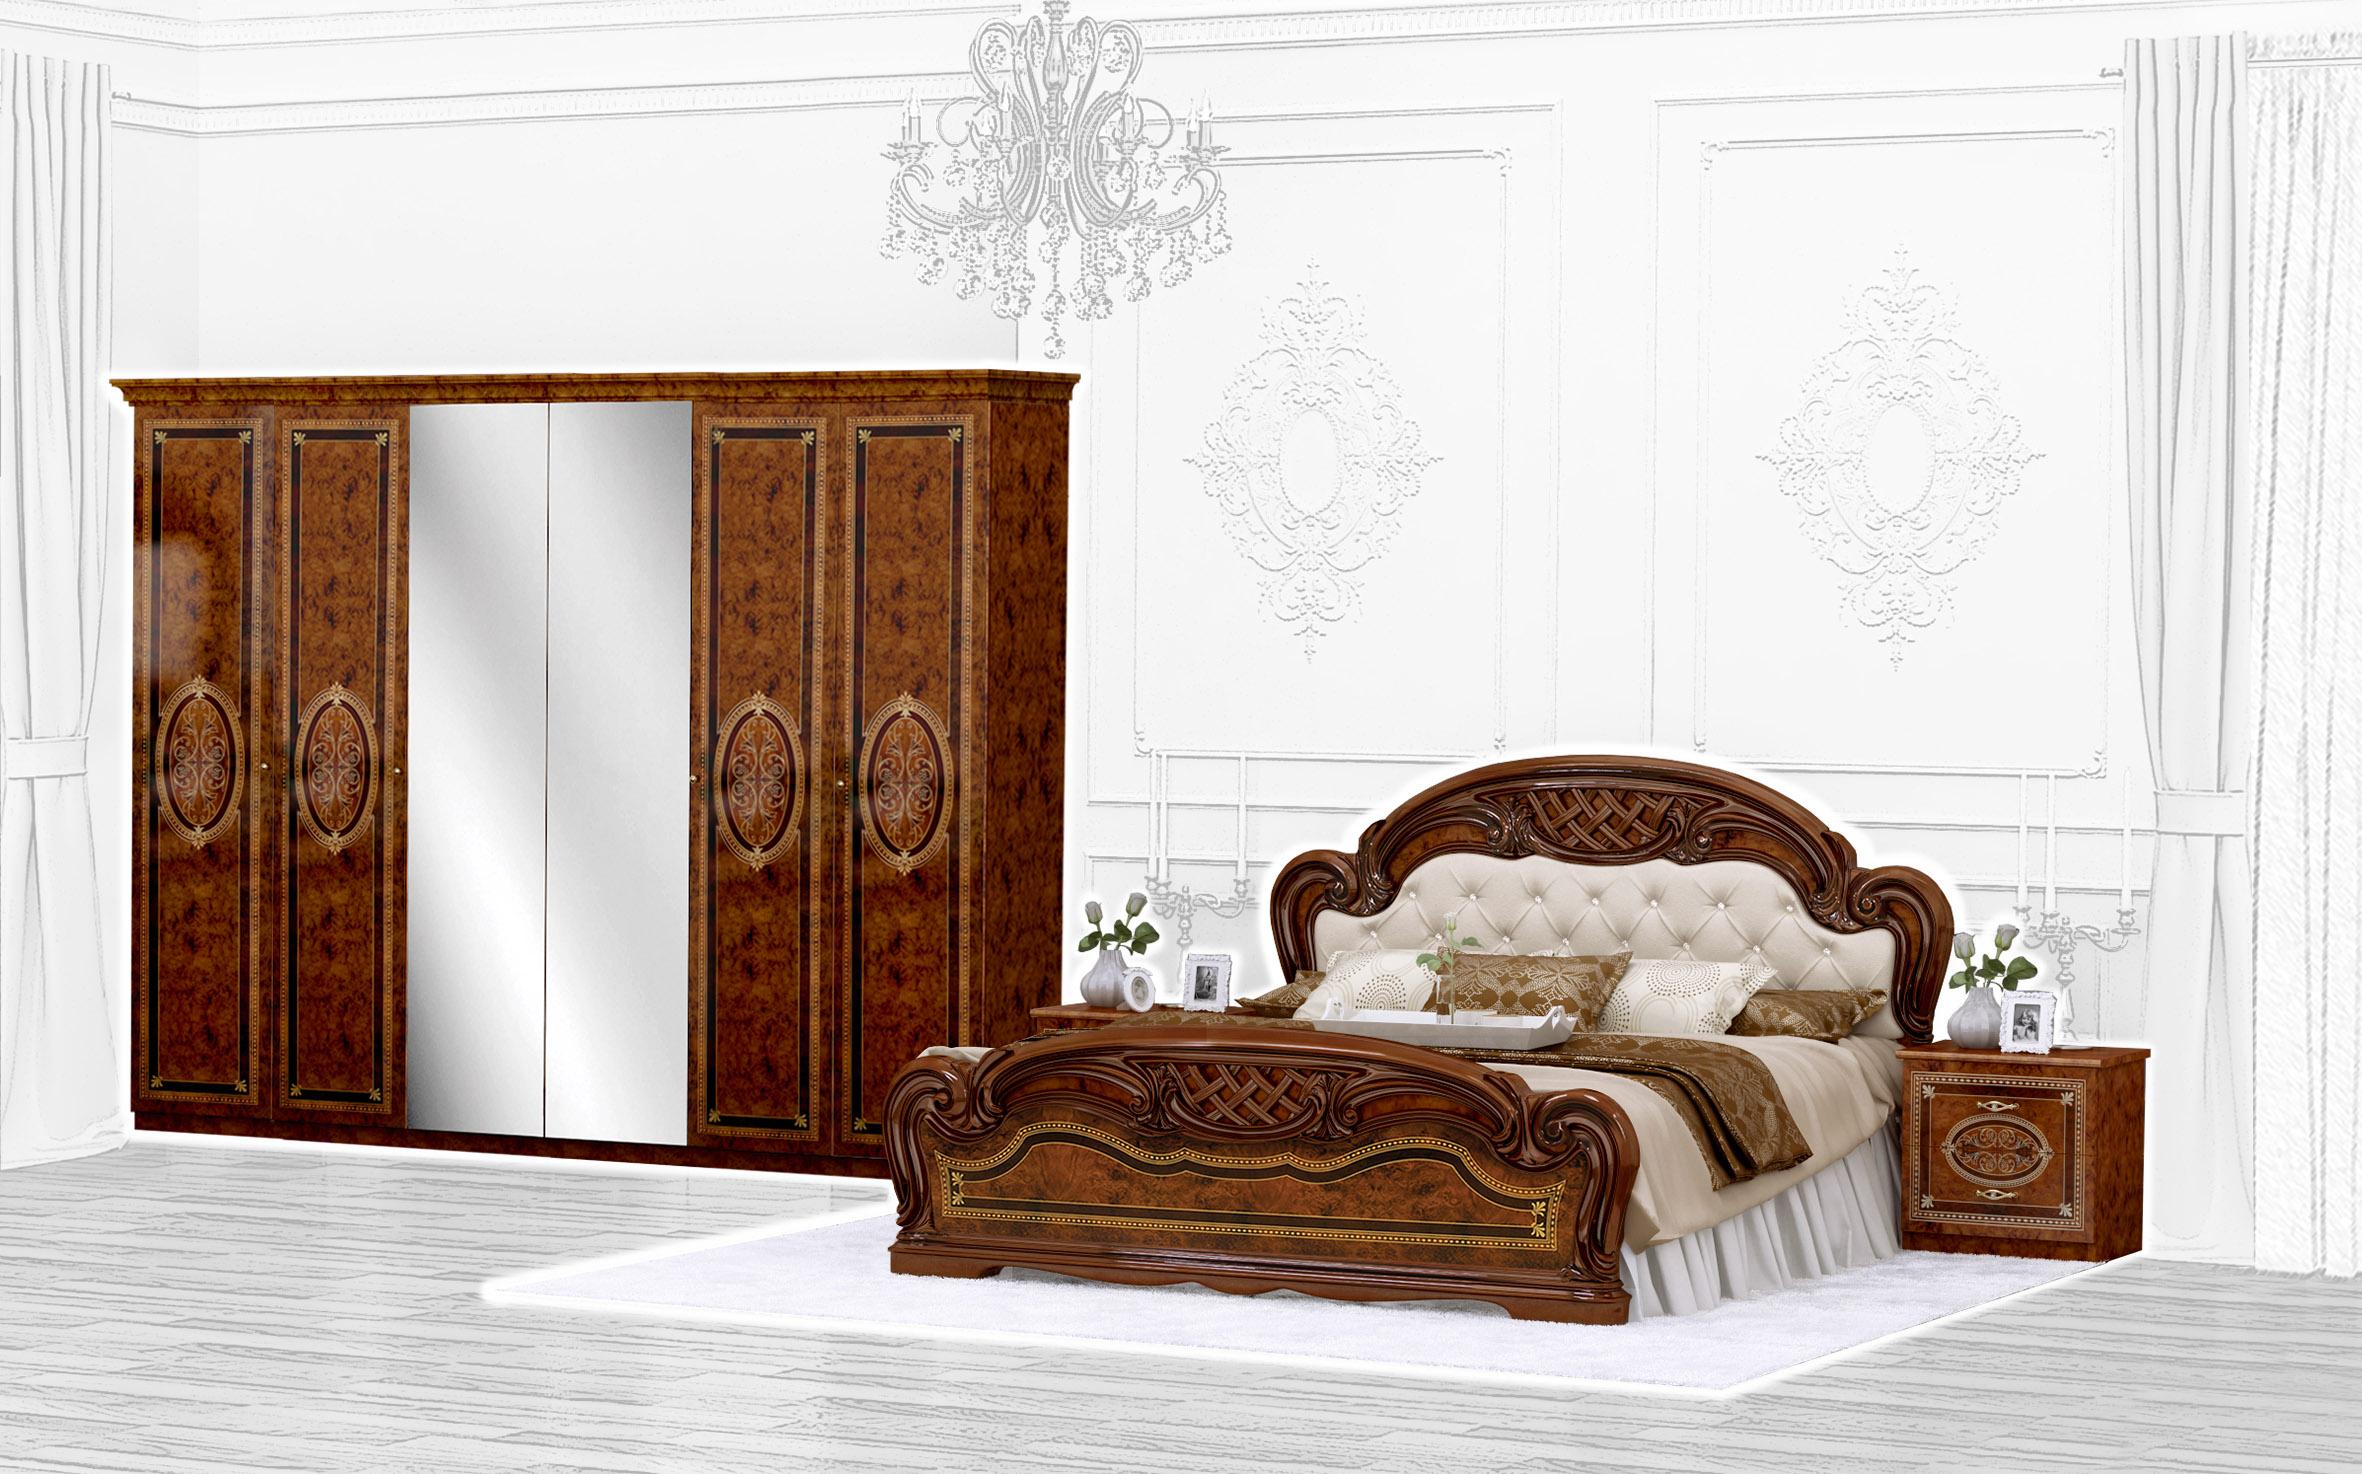 Barock Schlafzimmer Set Lara 1 in Walnuss 4-Teilig inkl. Polsterung